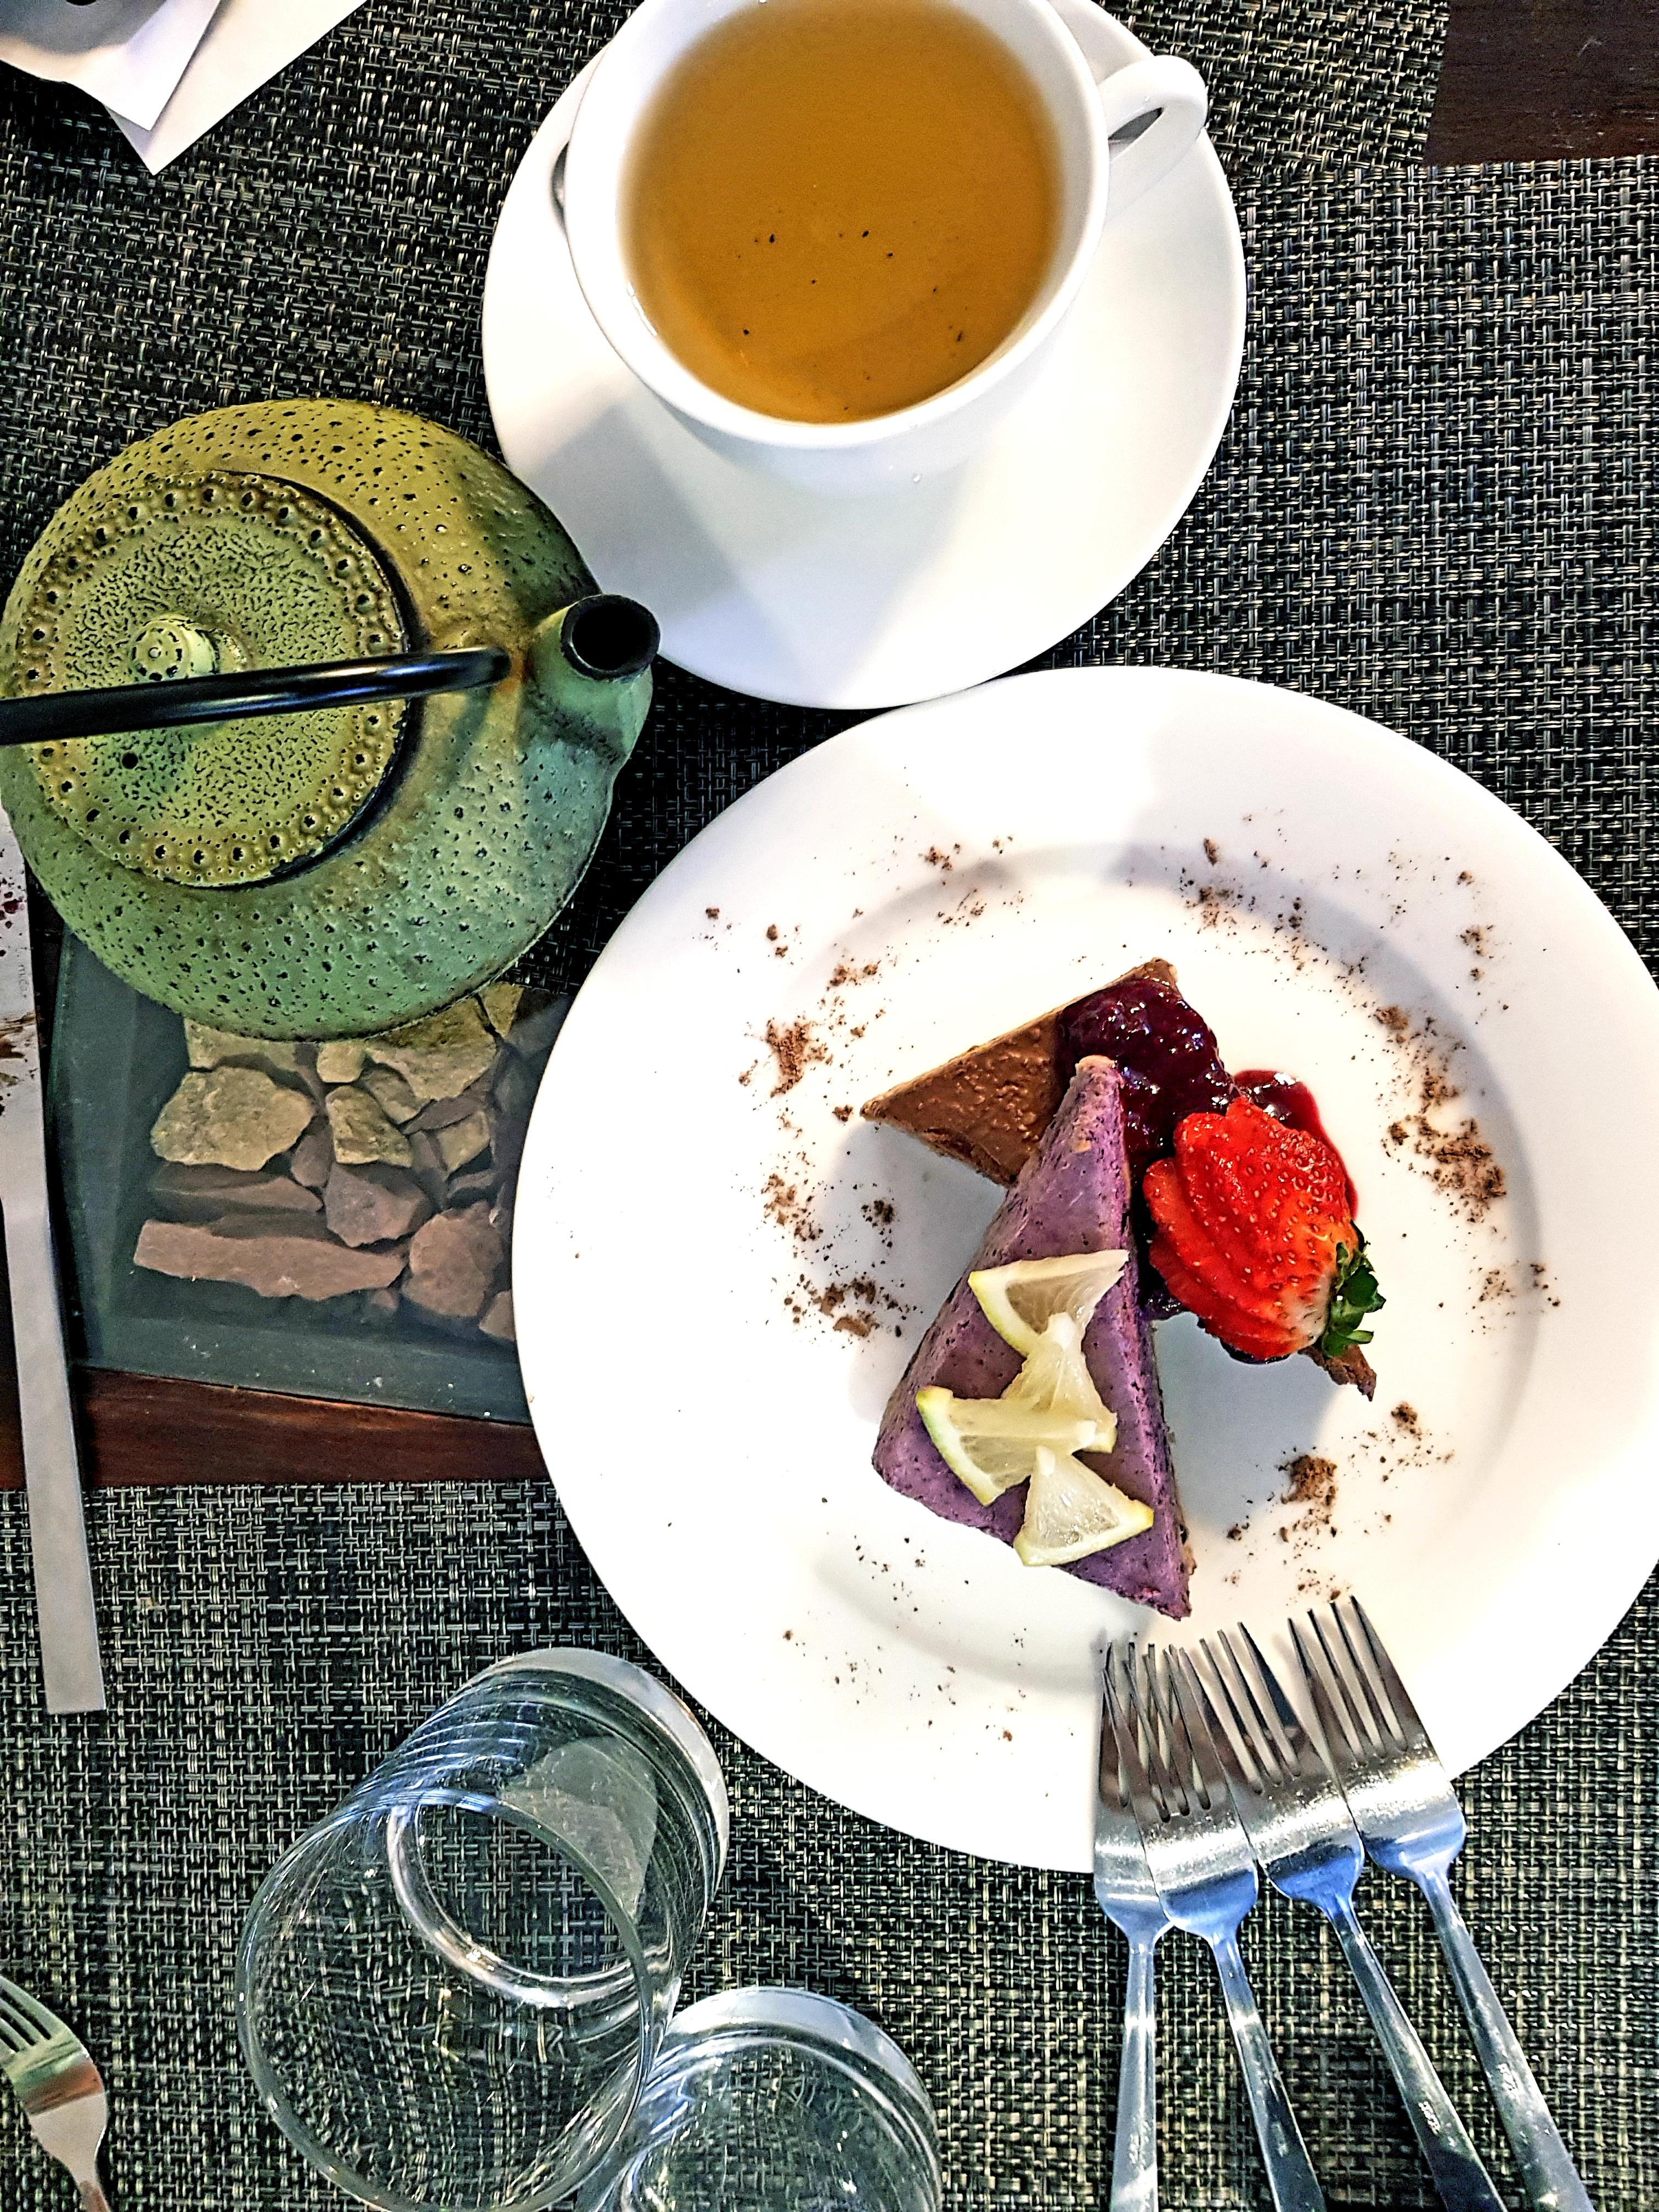 Cafe Caju menu